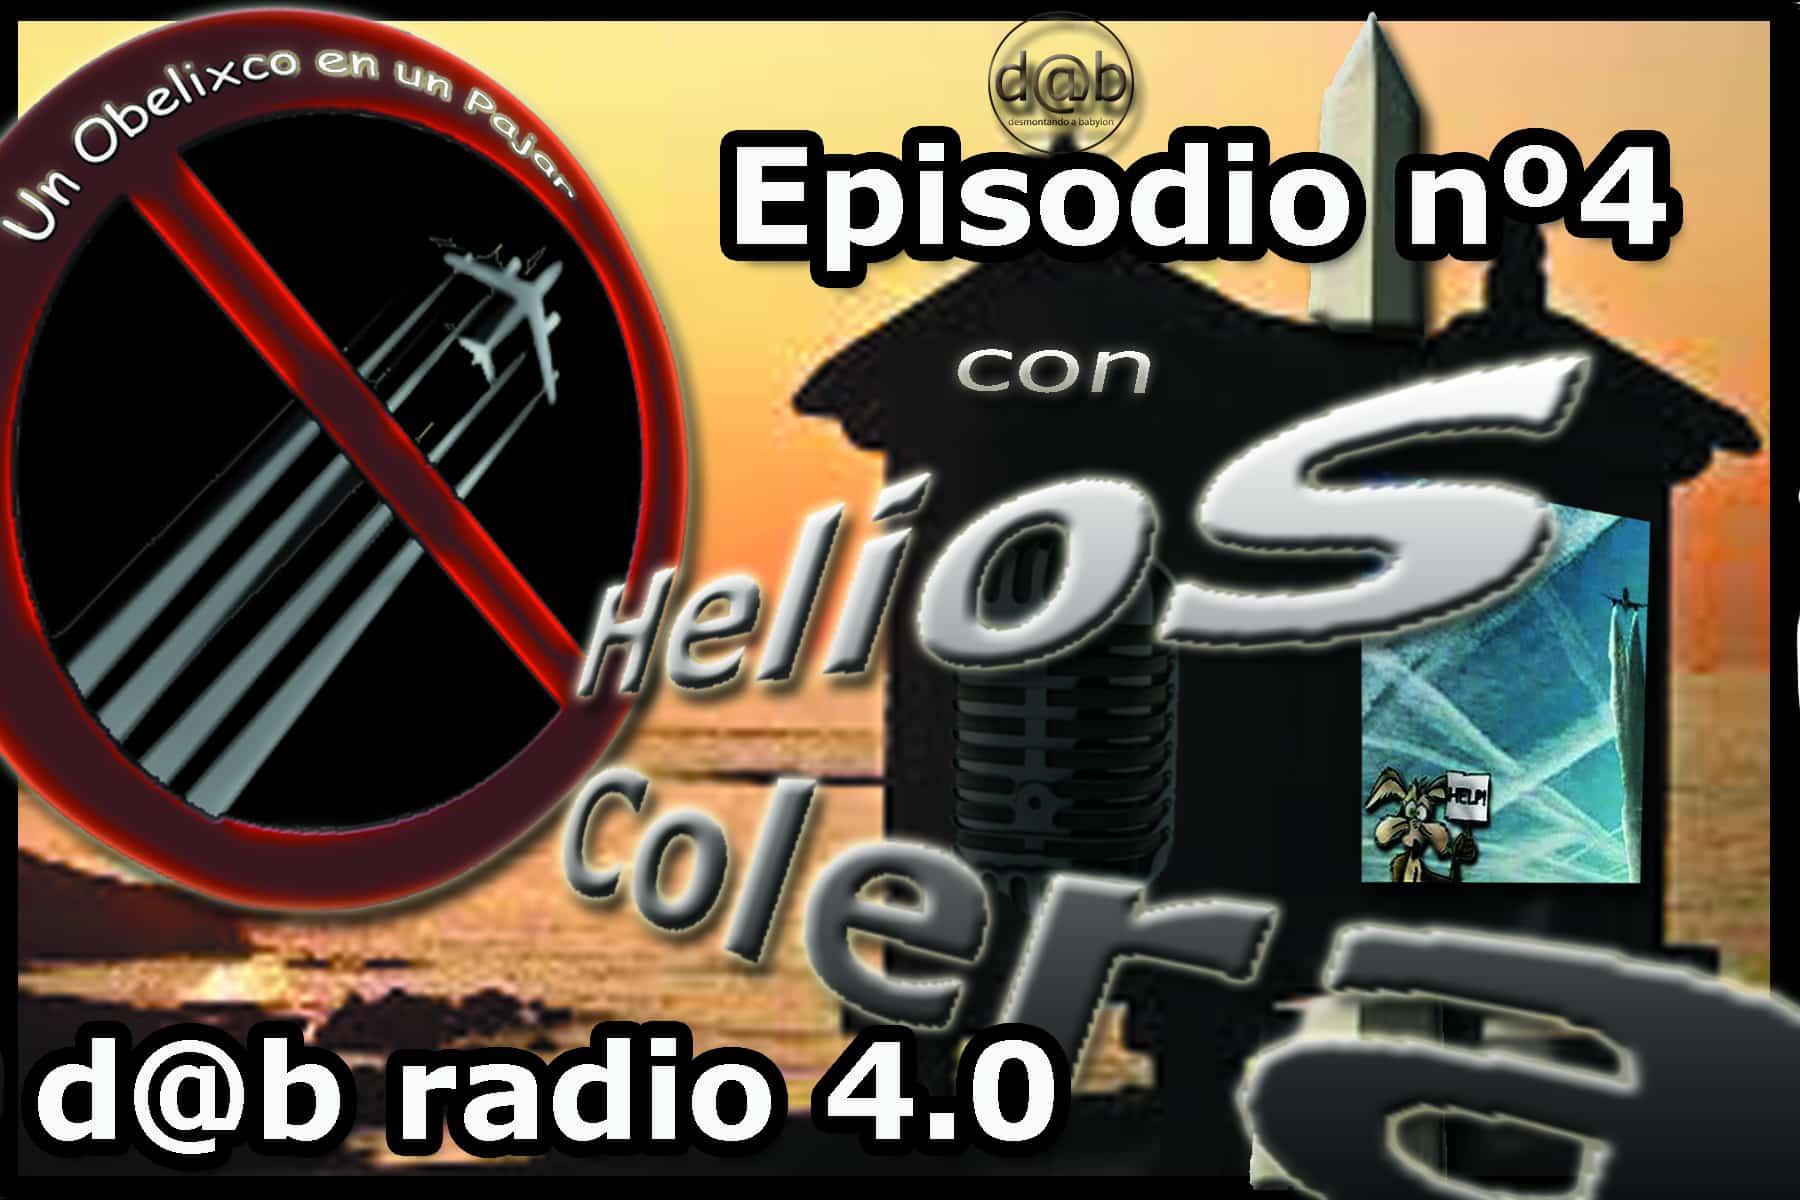 Desmontando a Babylon: DaB  Radio  4.0  Episodio  4  –  Un  Obelixco  en  un  Pajar  con  helios  colera  (2  de  4)